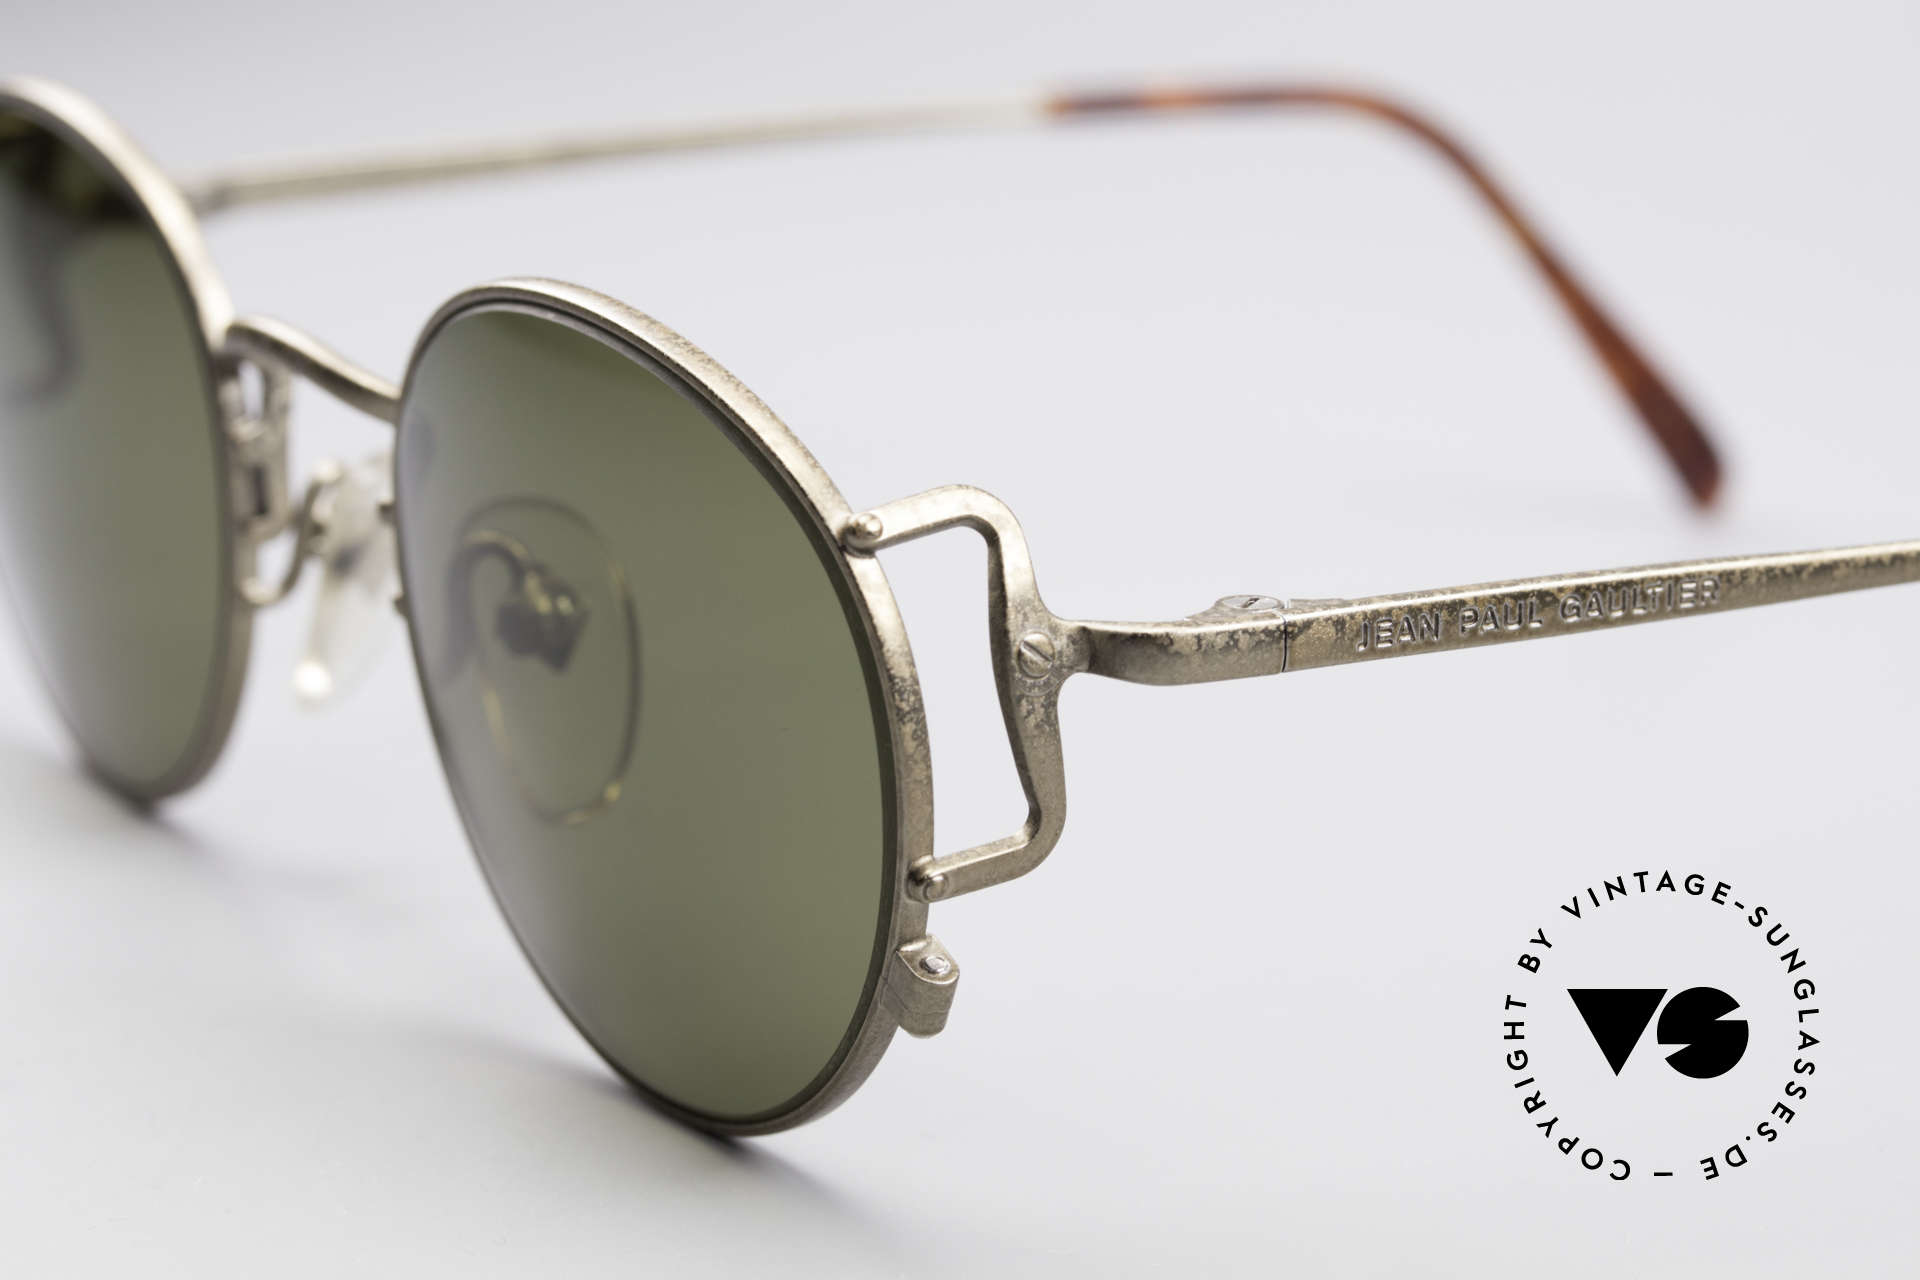 Jean Paul Gaultier 55-3178 Polarized Sun Lenses, unworn (like all our old 1990's designer glasses), Made for Men and Women